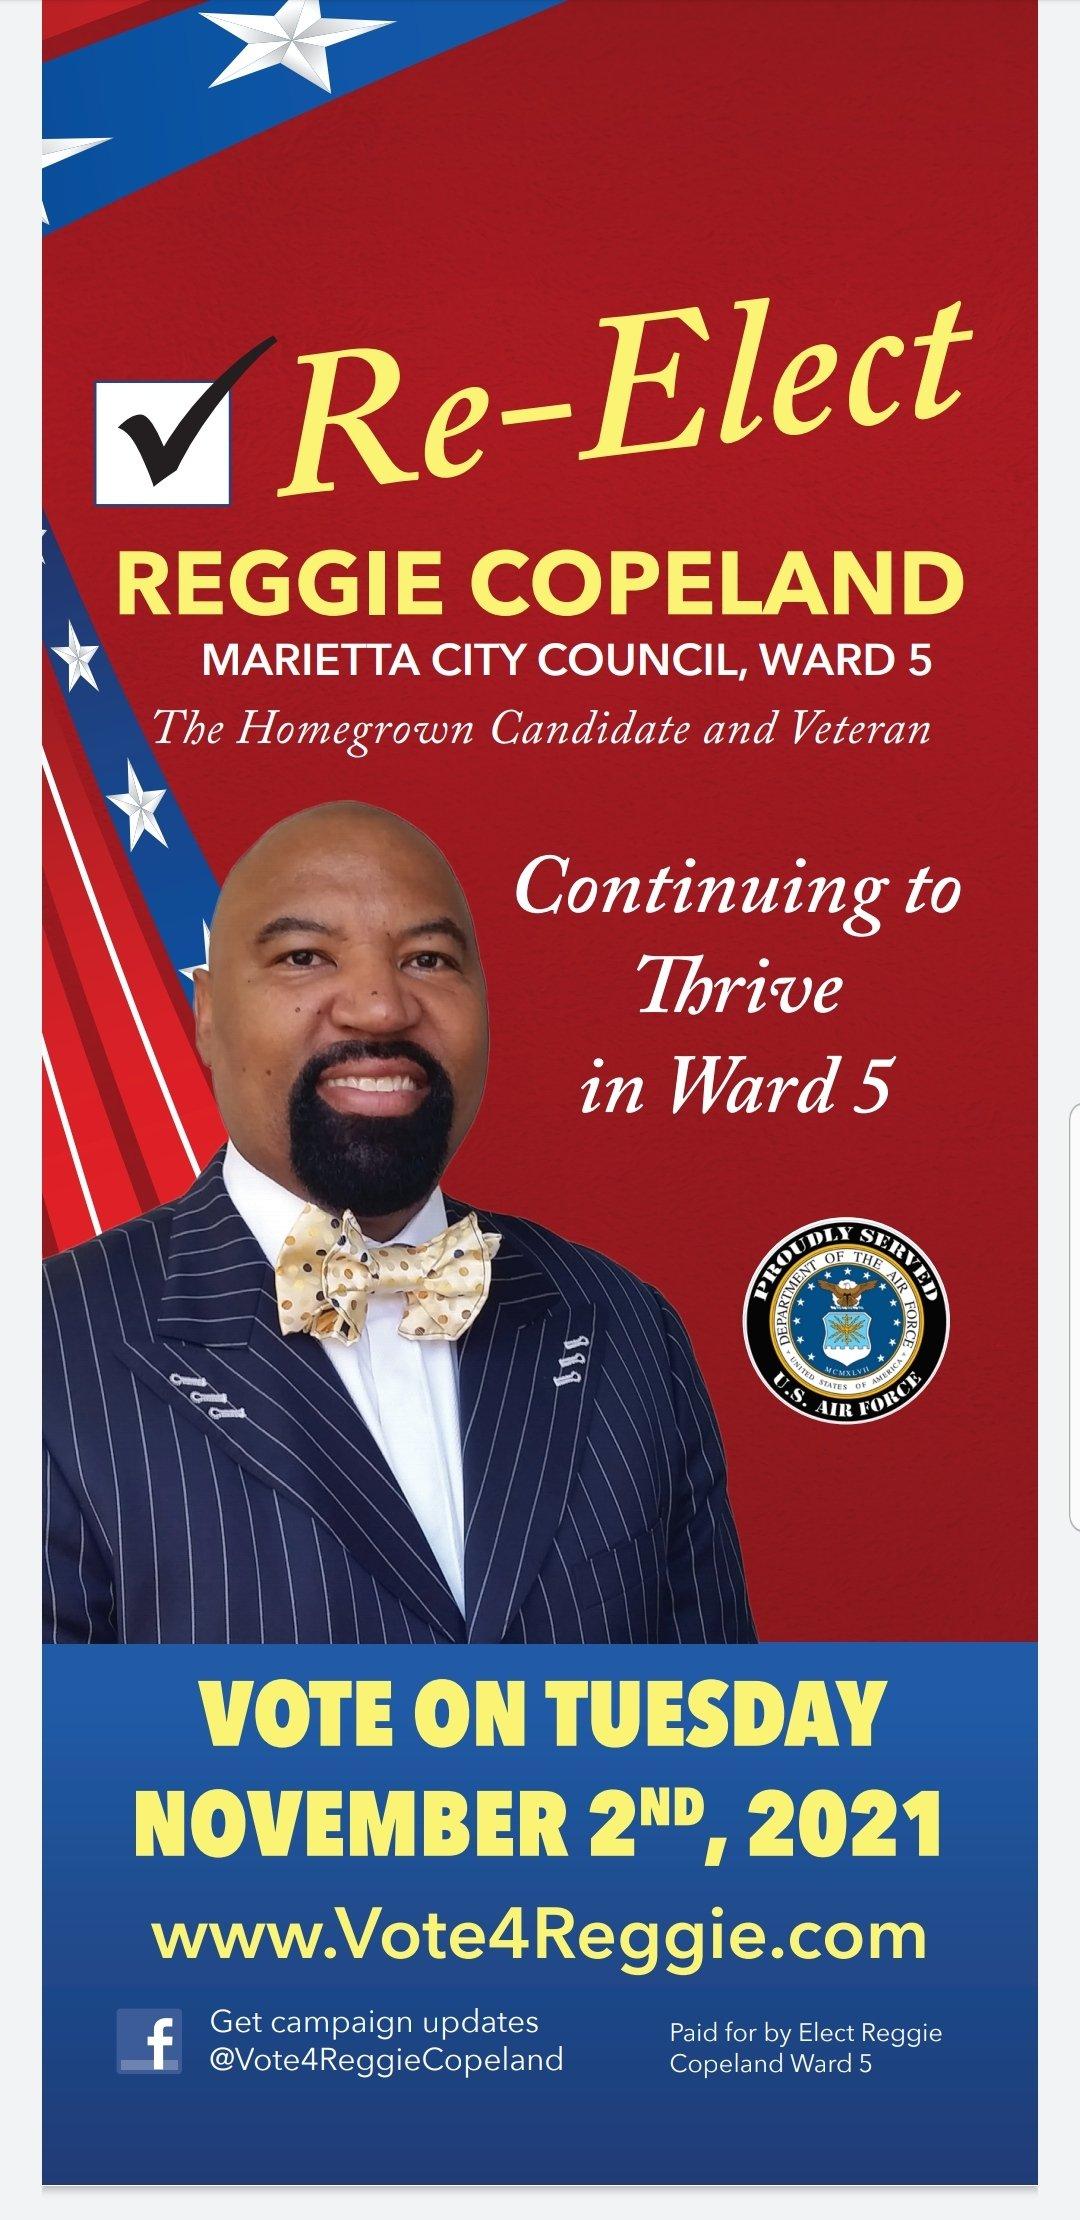 Re-Elect Reggie Copeland - Marietta City Council Ward 5